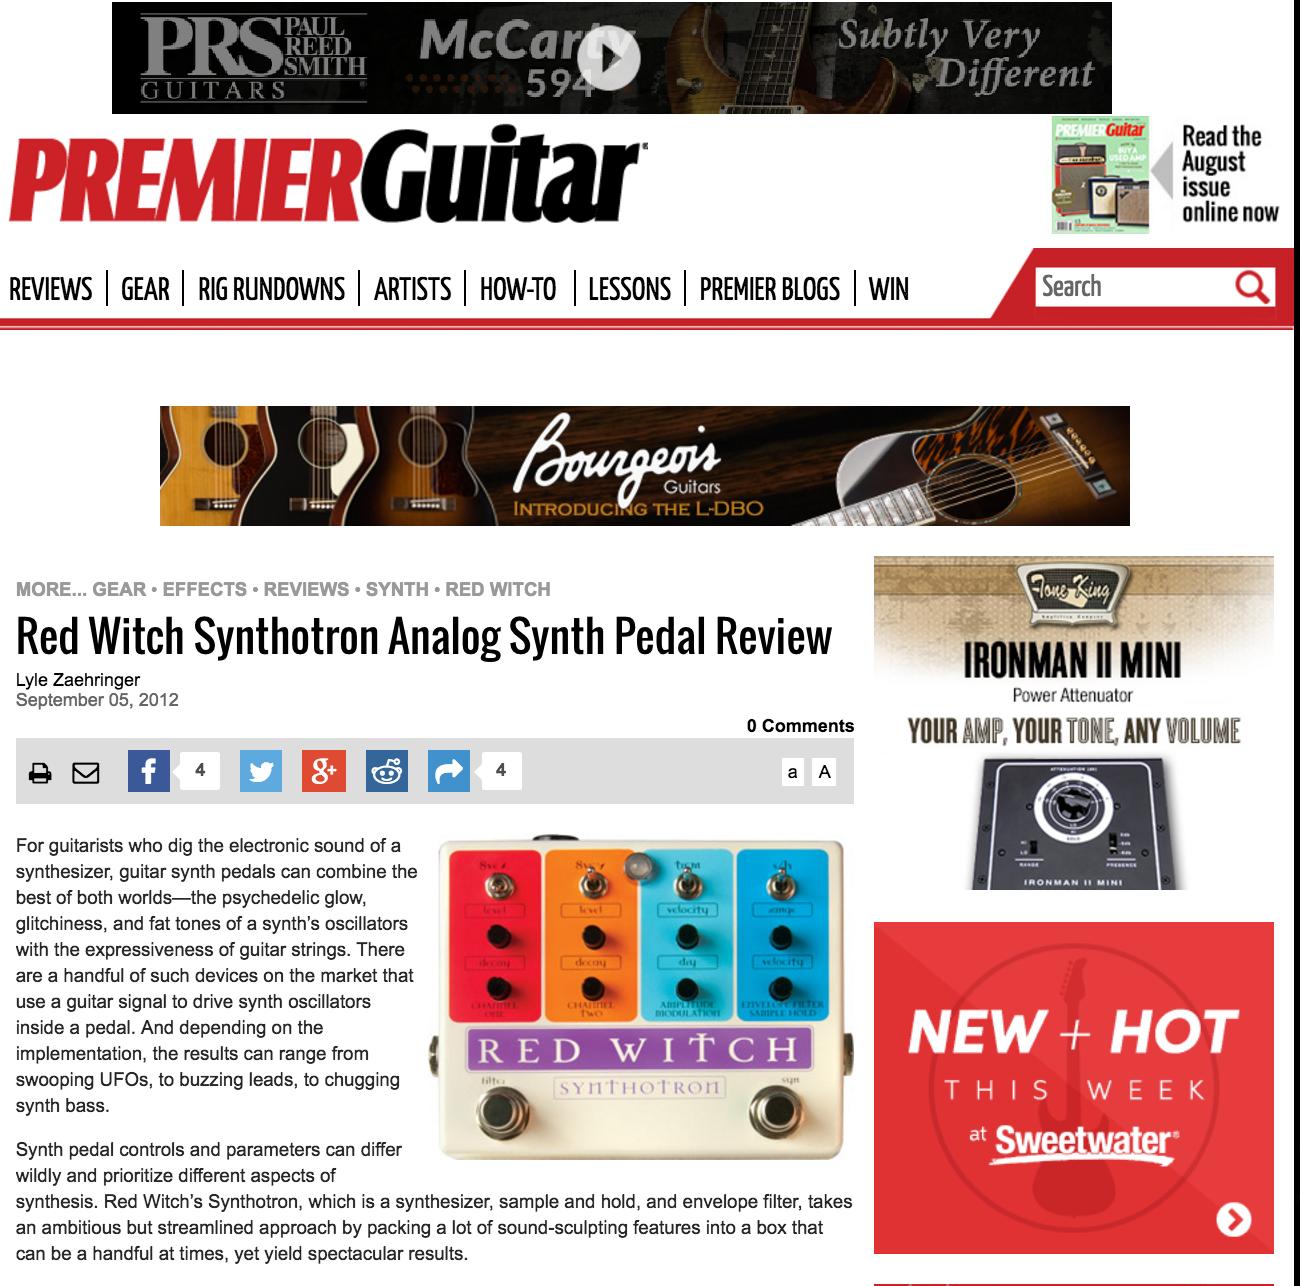 Premier Guitar - Synthotron